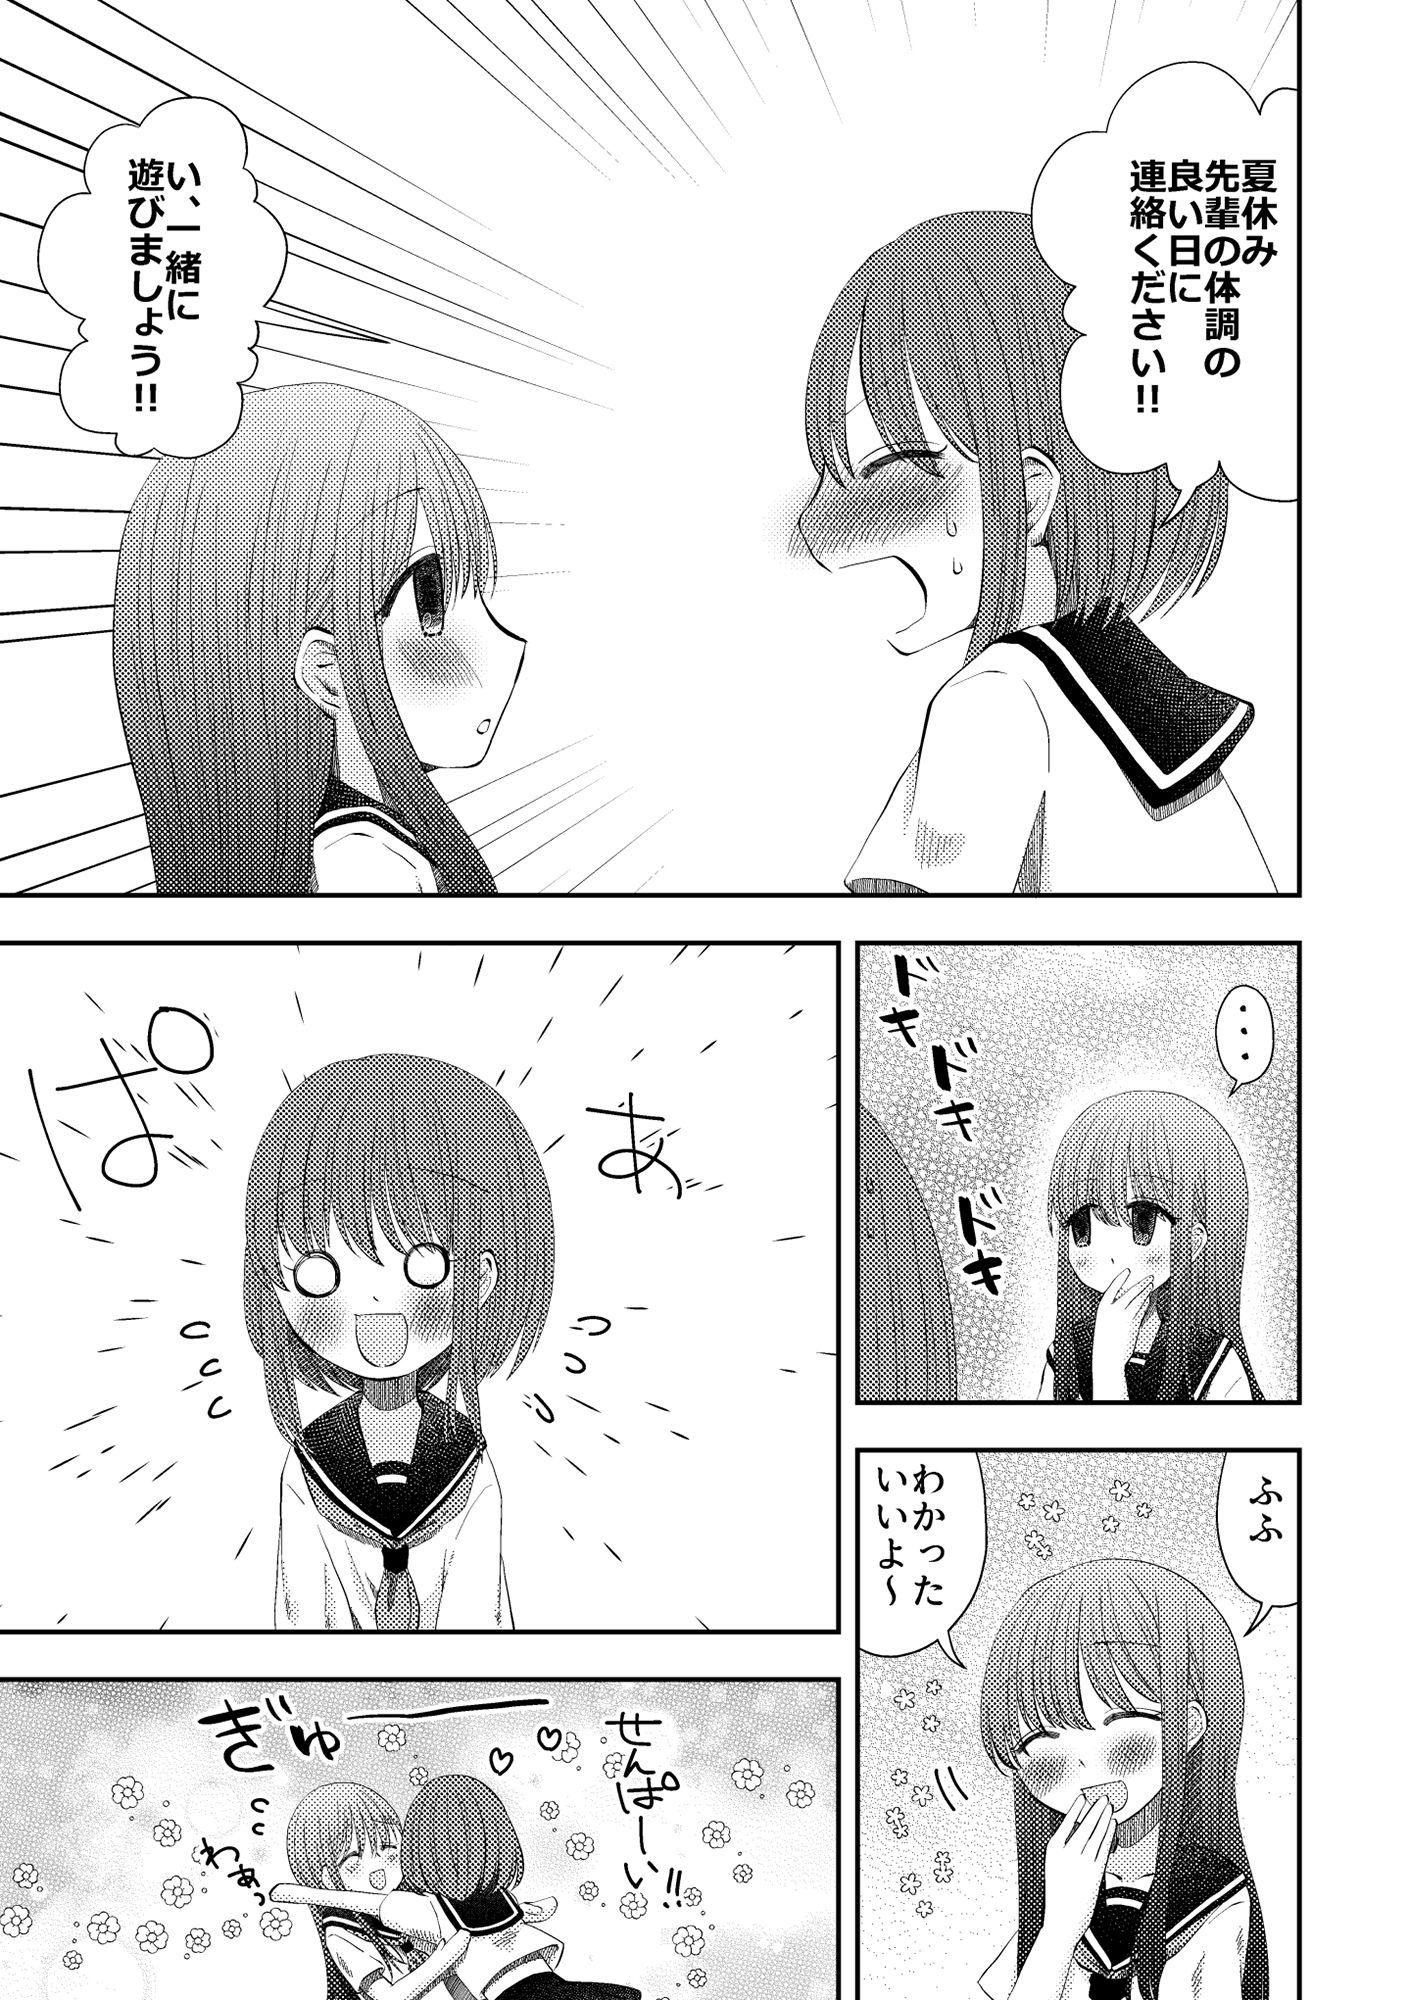 サンプル画像2:嘔吐ふぇち(偏頭痛) [d_194377]